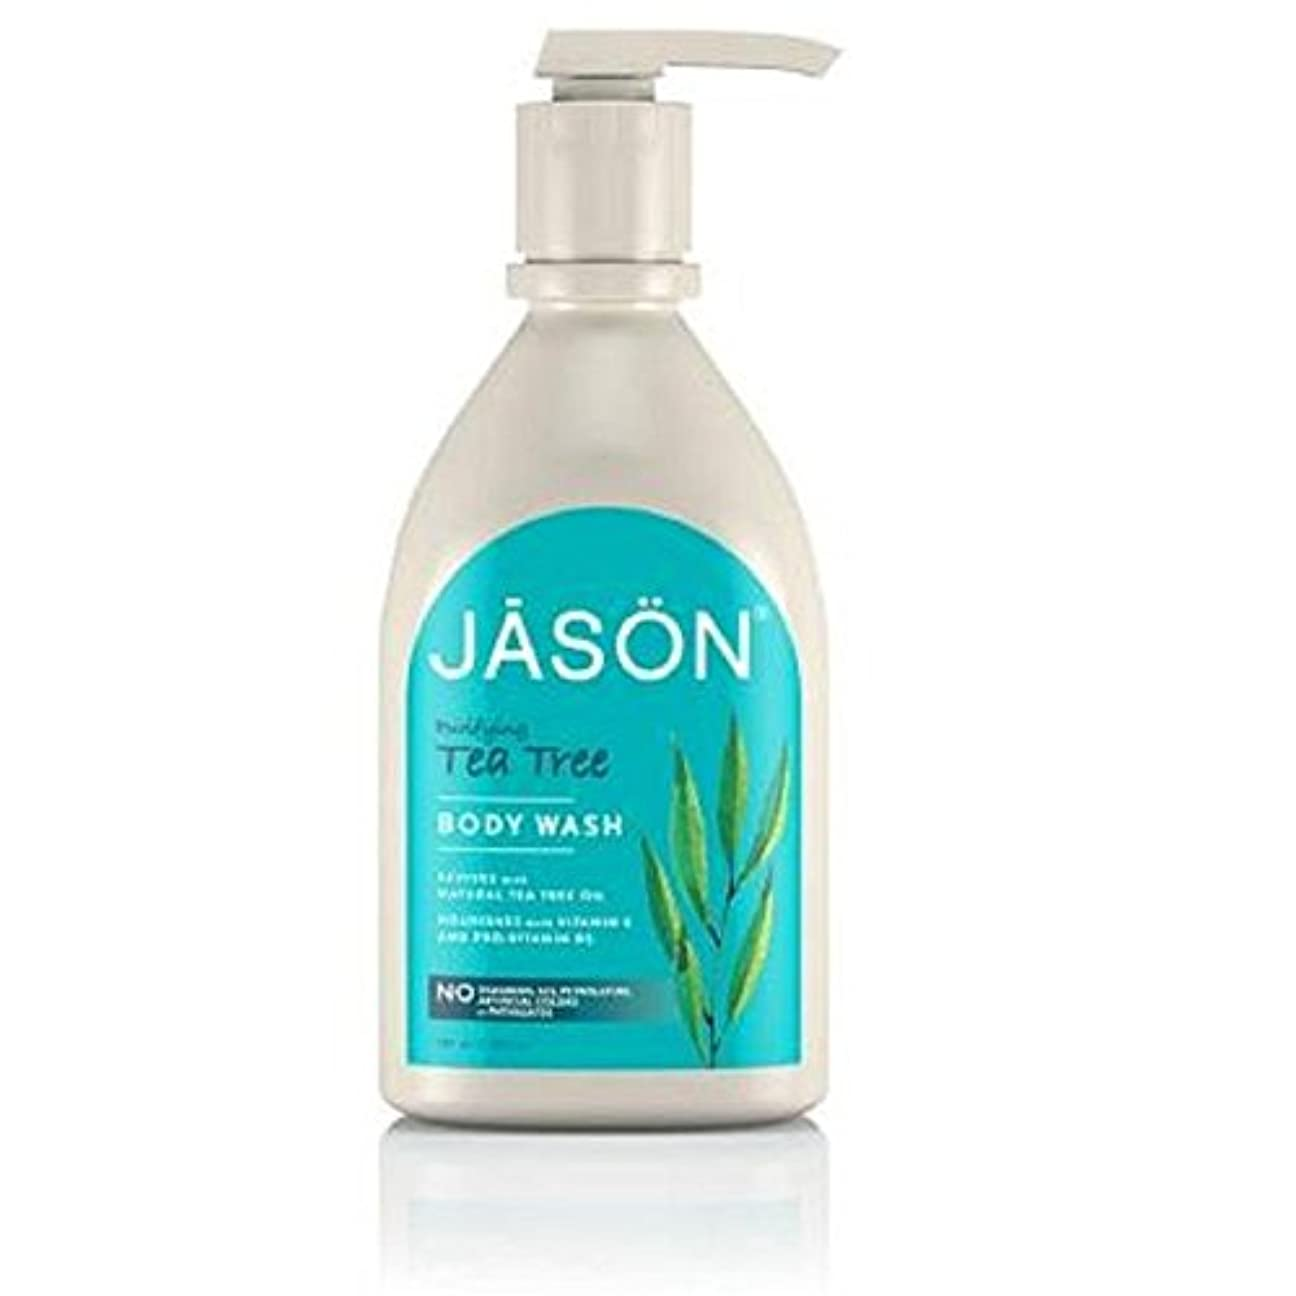 サミット恐怖症生命体Jason Tea Tree Satin Body Wash Pump 900ml (Pack of 6) - ジェイソン?ティーツリーサテンボディウォッシュポンプ900ミリリットル x6 [並行輸入品]